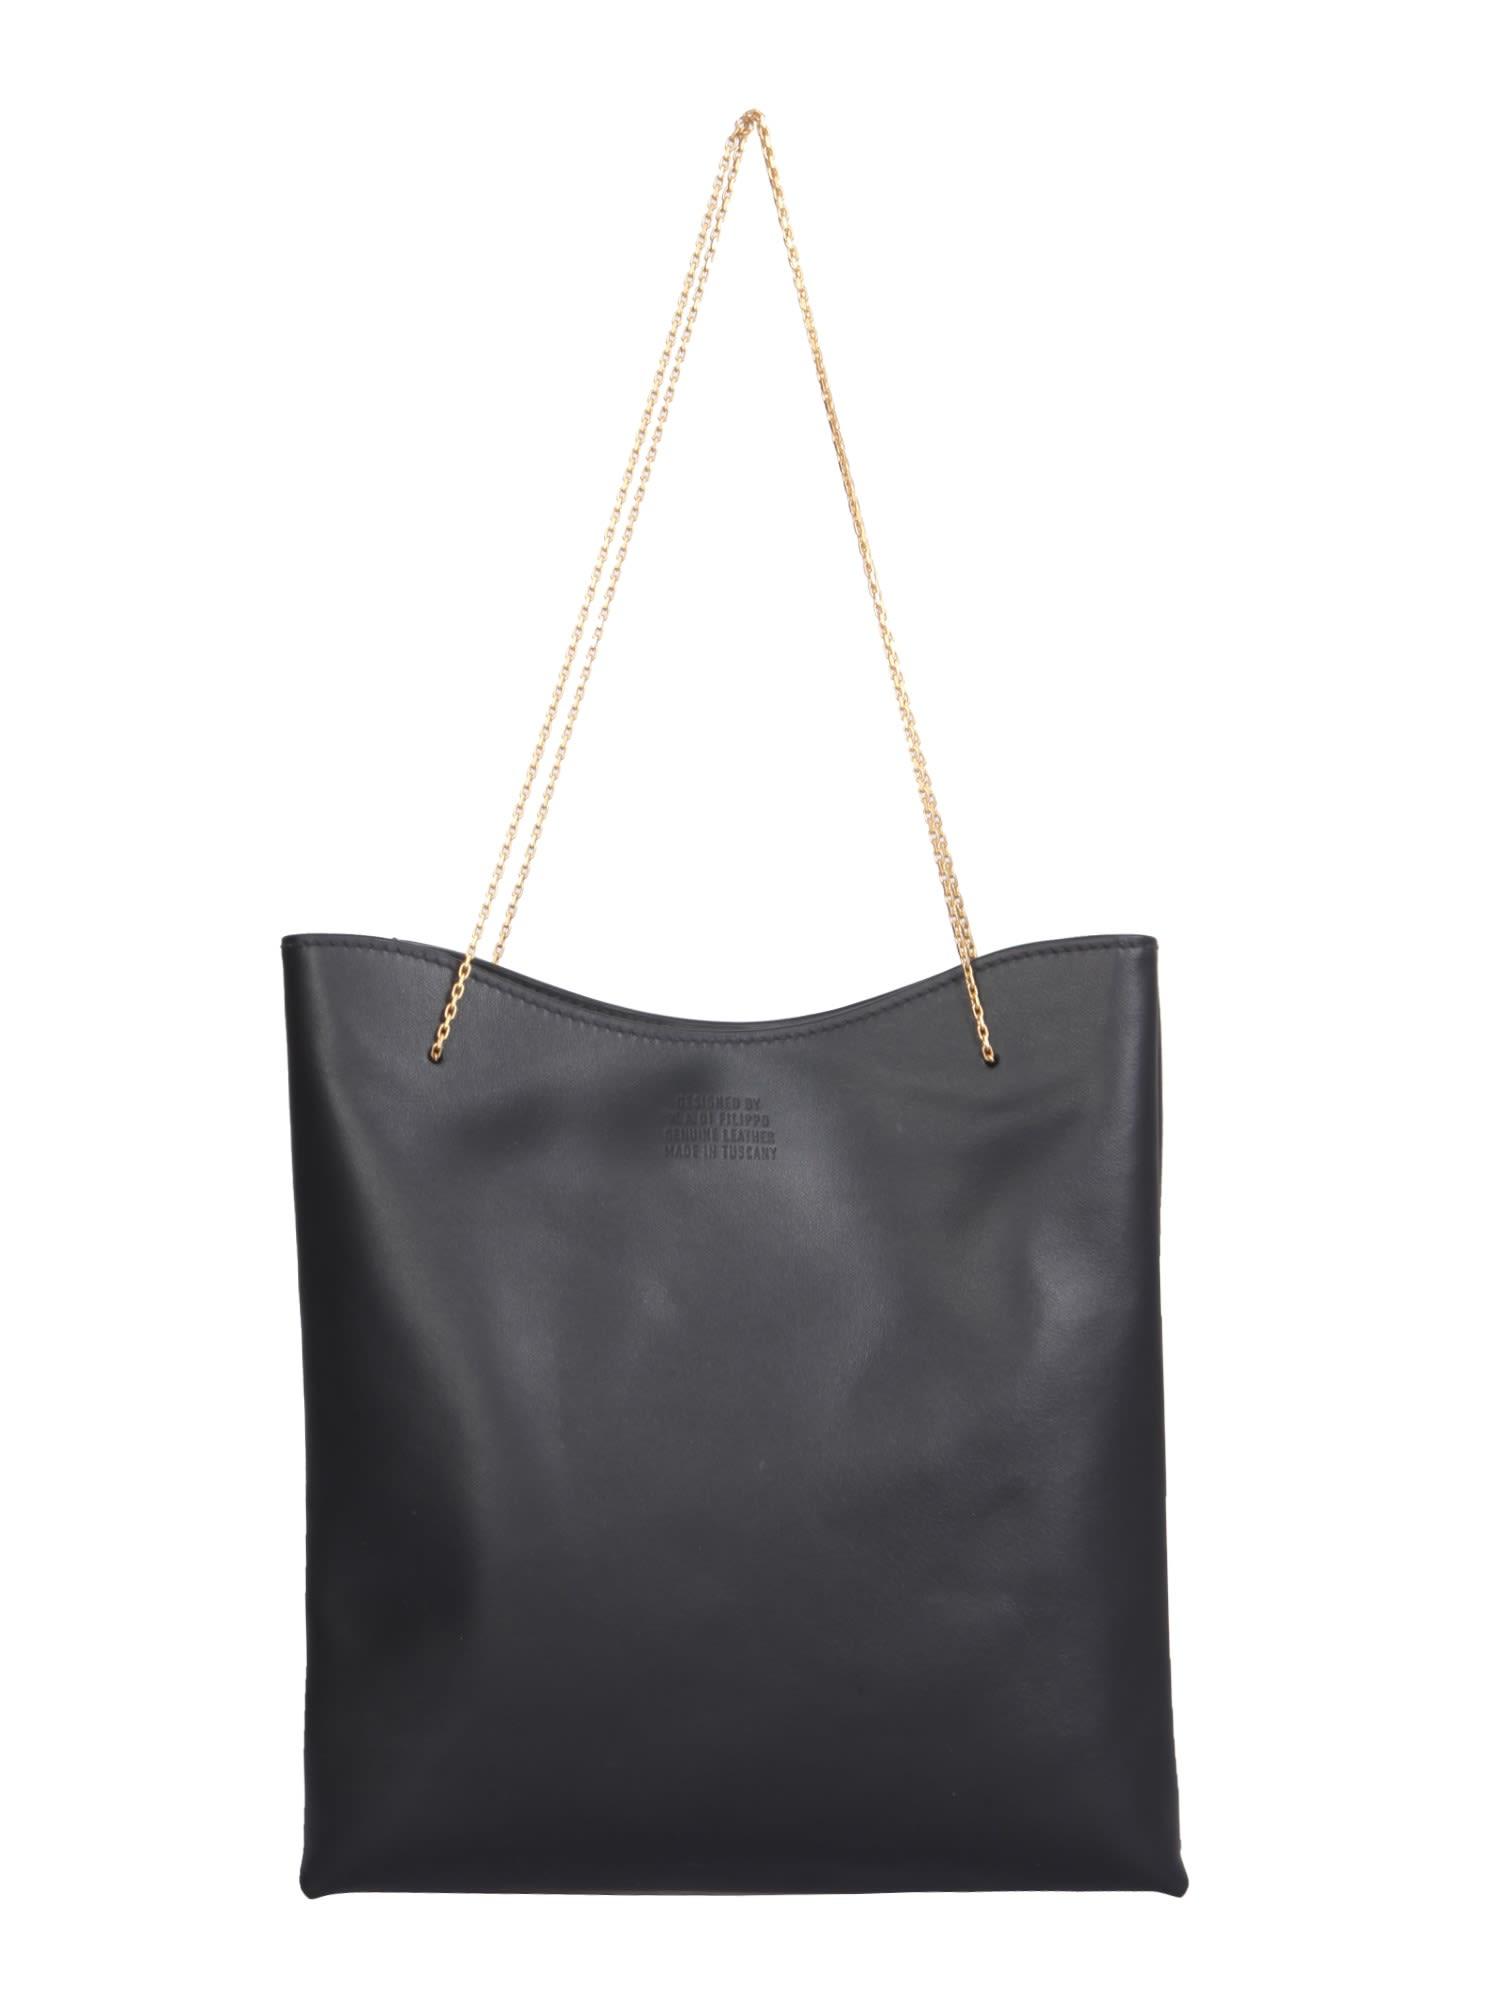 Lily Shoulder Bag